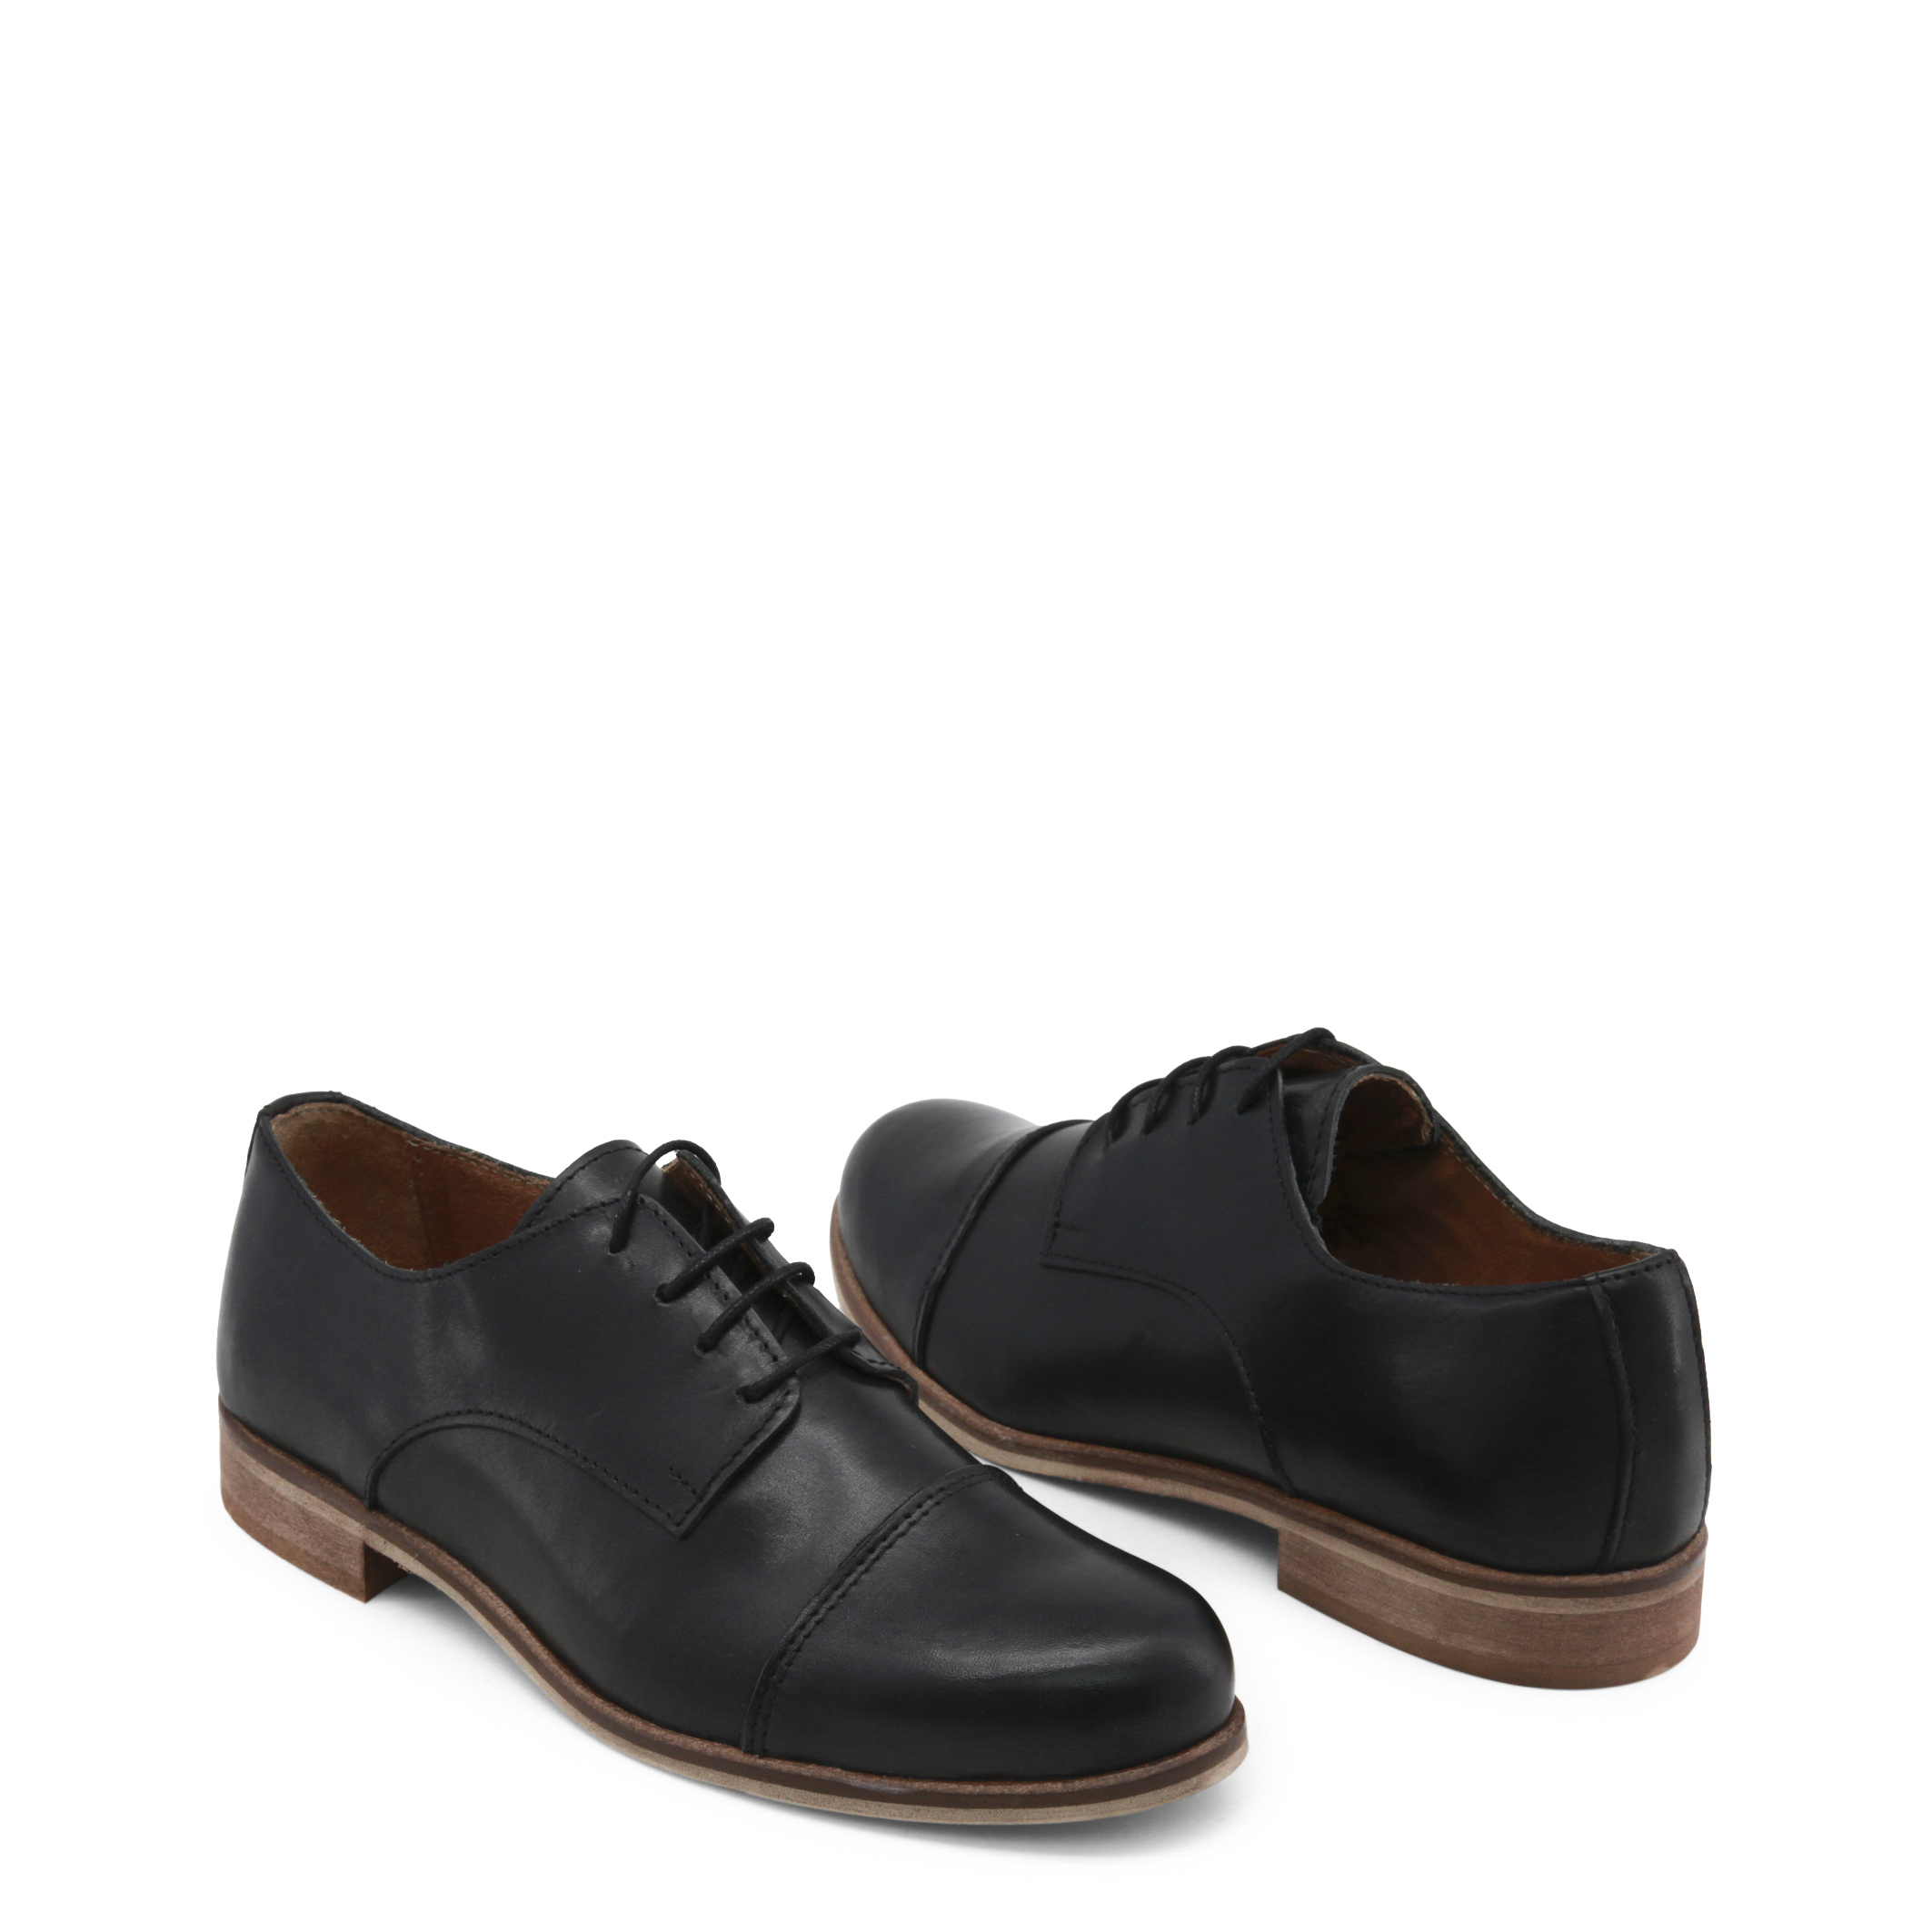 Chaussures  Made in Italia BOLERO black